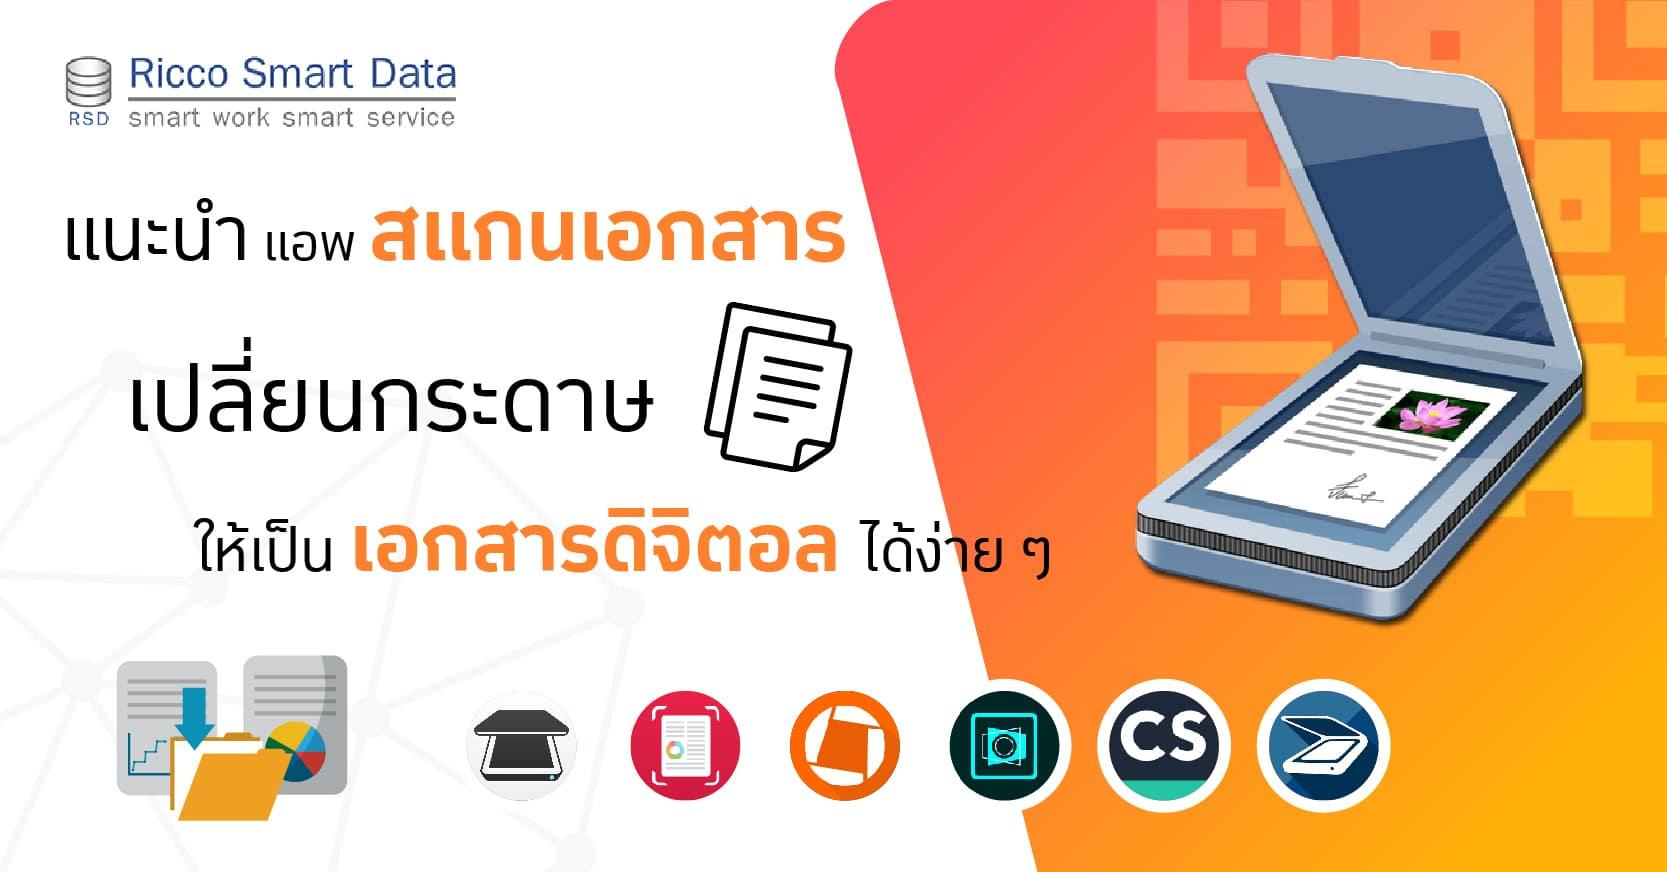 ชื่อรูป: content RiccoSmartData 1200 x 628 01 ประกอบเนื้อหา: แนะนำแอปสแกนเอกสาร เปลี่ยนกระดาษให้เป็นเอกสารดิจิตอลได้ง่าย ๆ